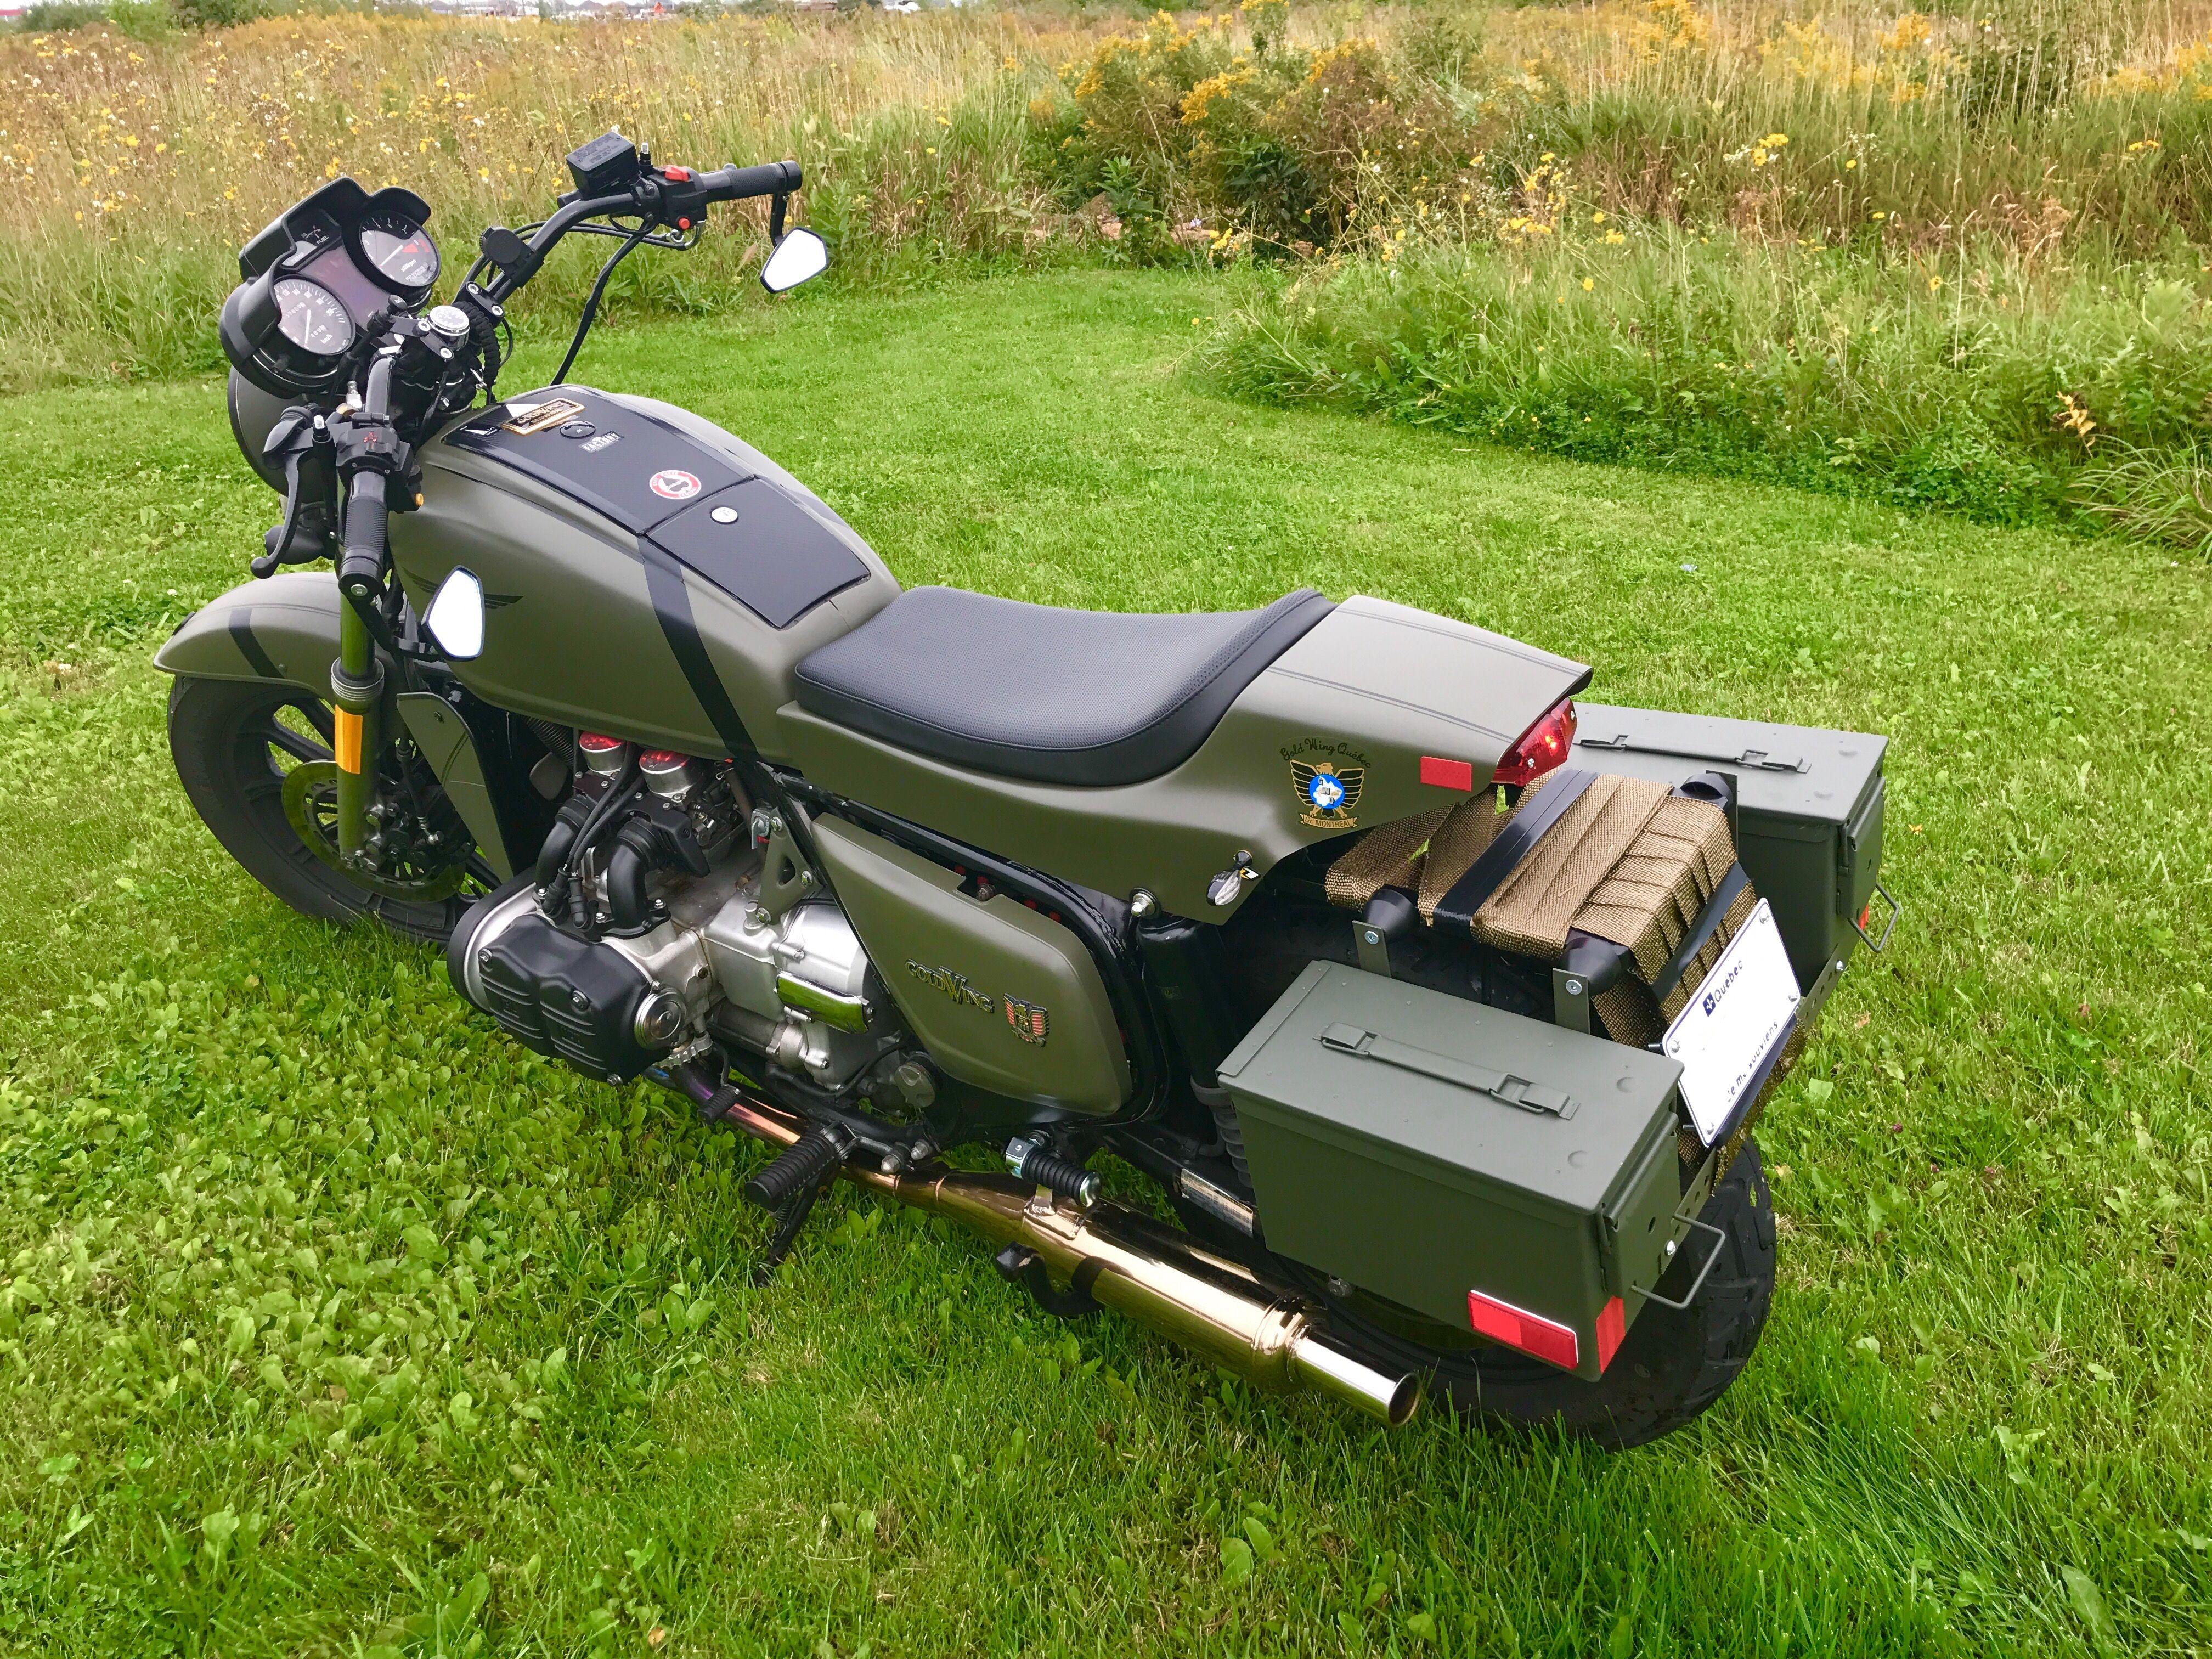 New Look Goldwing Gl 1100 1982 Vintage Honda Motorcycles Adventure Bike Goldwing